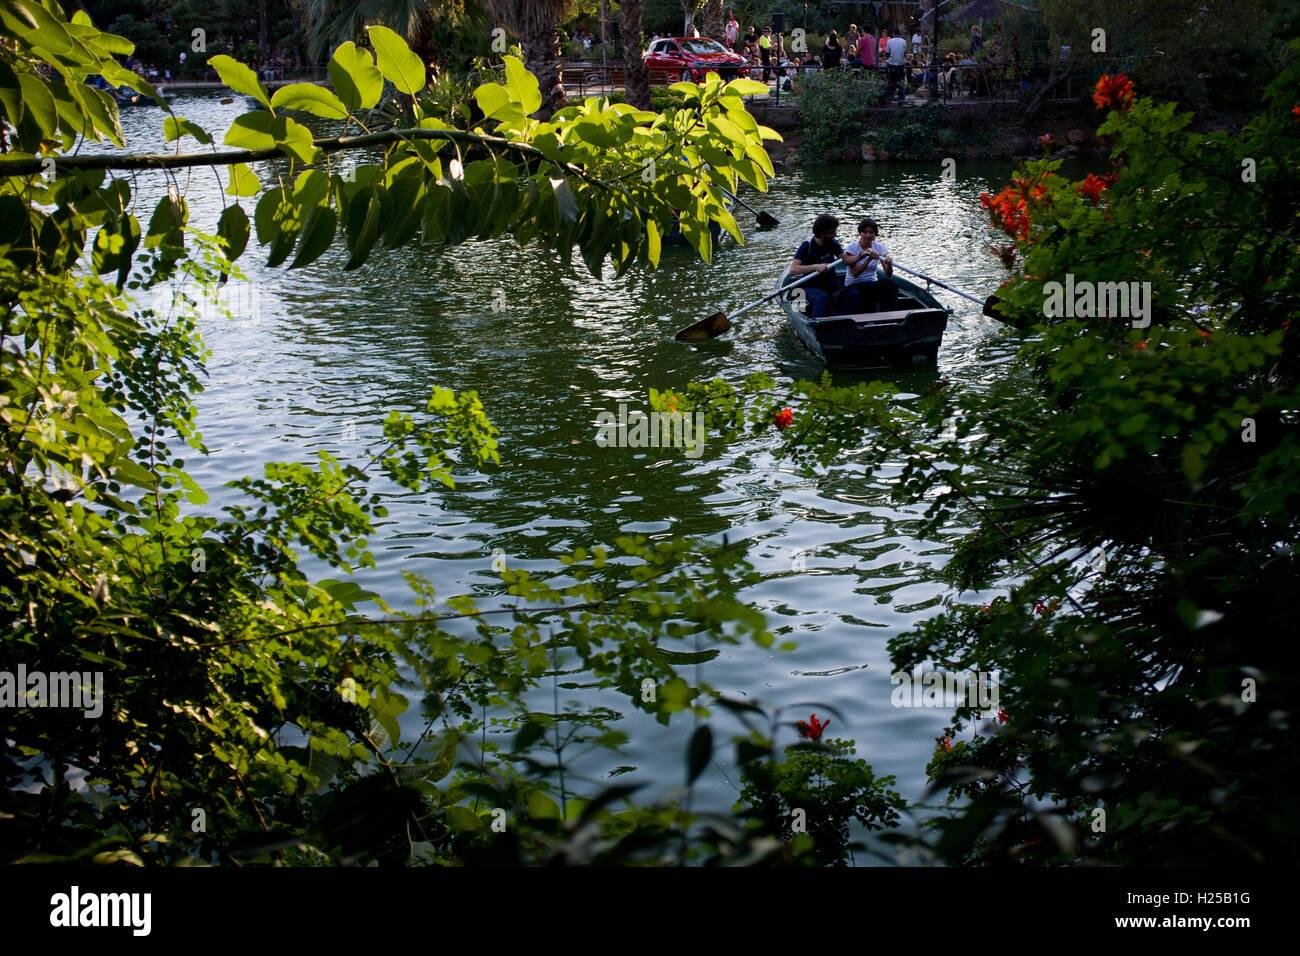 Barcelone, Catalogne, Espagne. Sep 24, 2016. Un couple profitez d'un bateau de plaisance au parc de la Ciutadella de Barcelone. © Jordi Boixareu/ZUMA/Alamy Fil Live News Banque D'Images